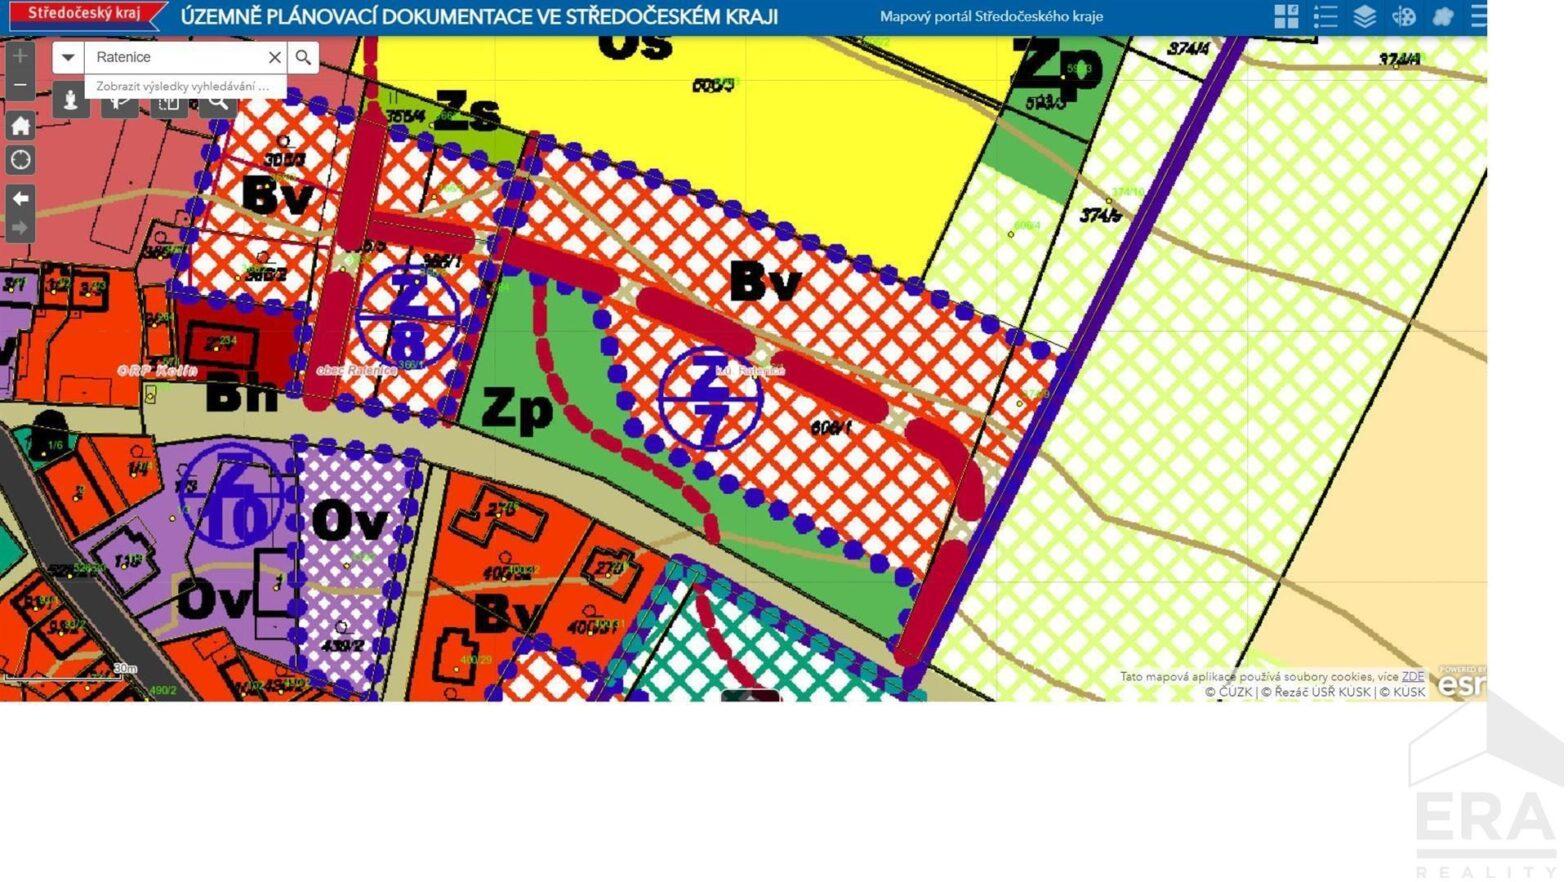 Stavební parcela Ratenice 11 111m2